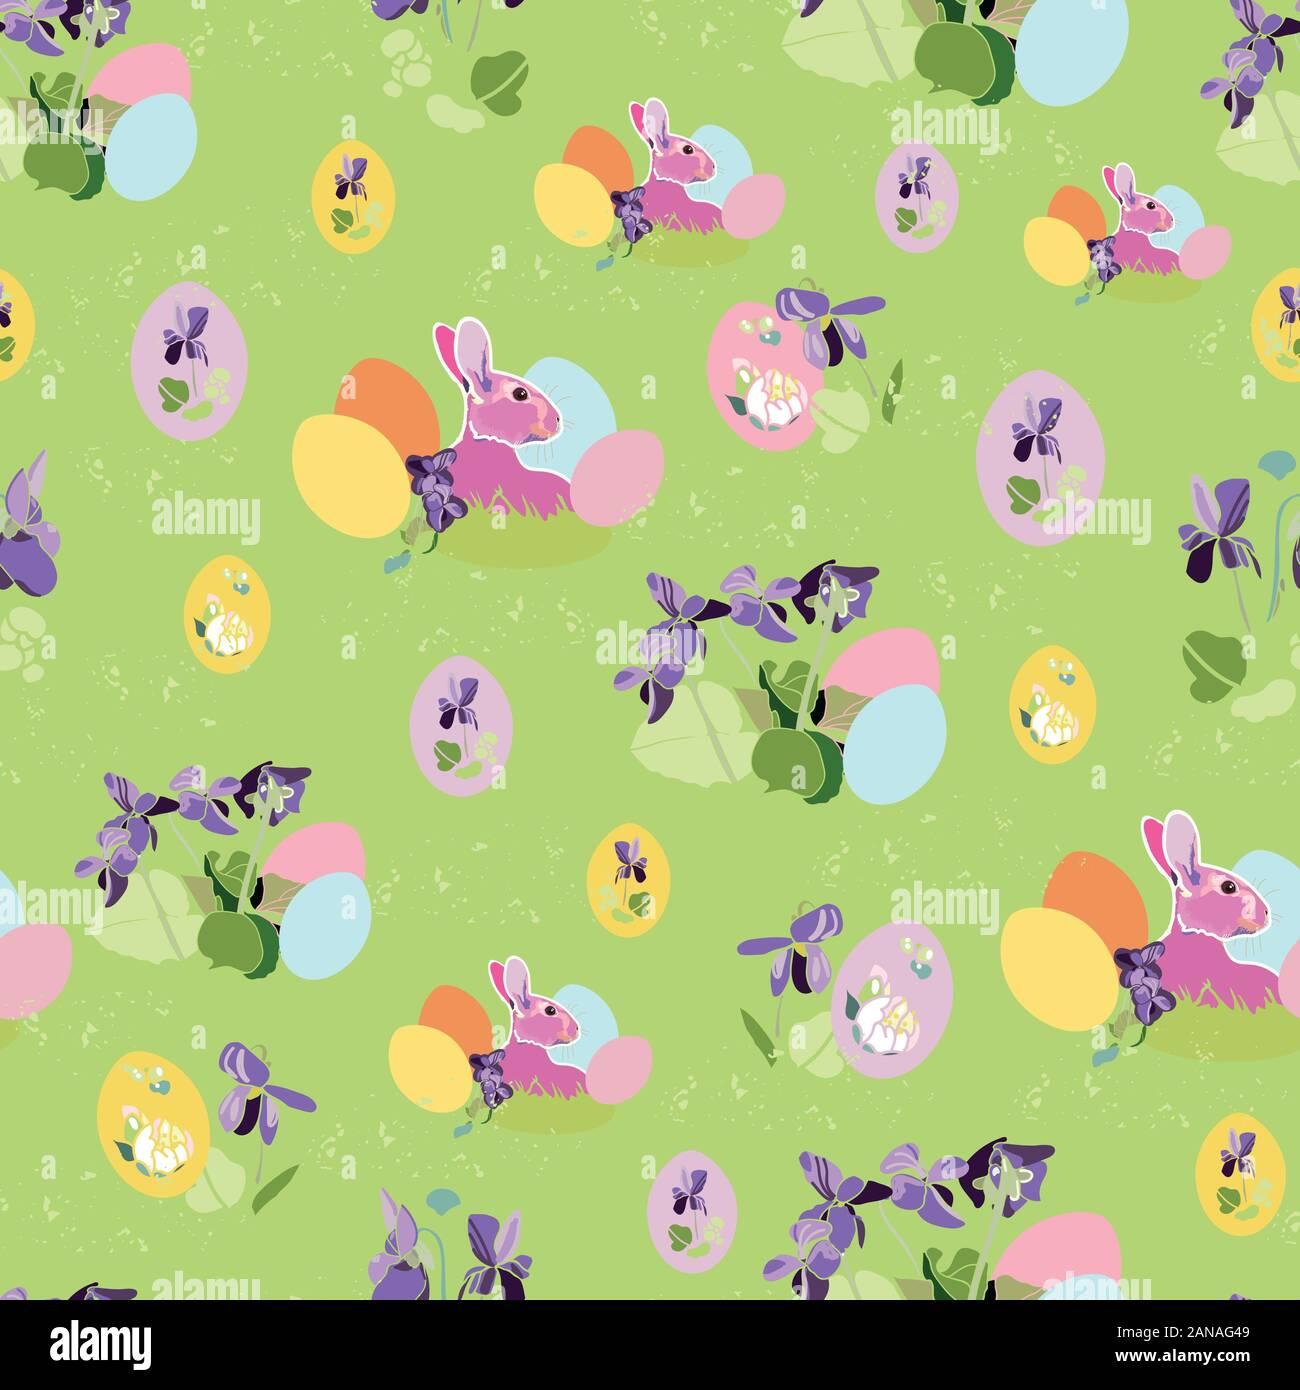 La botánica realista Vector patrón de repetición con el Conejo de pascua, Pascua nido. Hermoso diseño colorido para tu evento familiar. Antecedentes de la naturaleza. Imprimir, tela, inmóvil. Ilustración del Vector